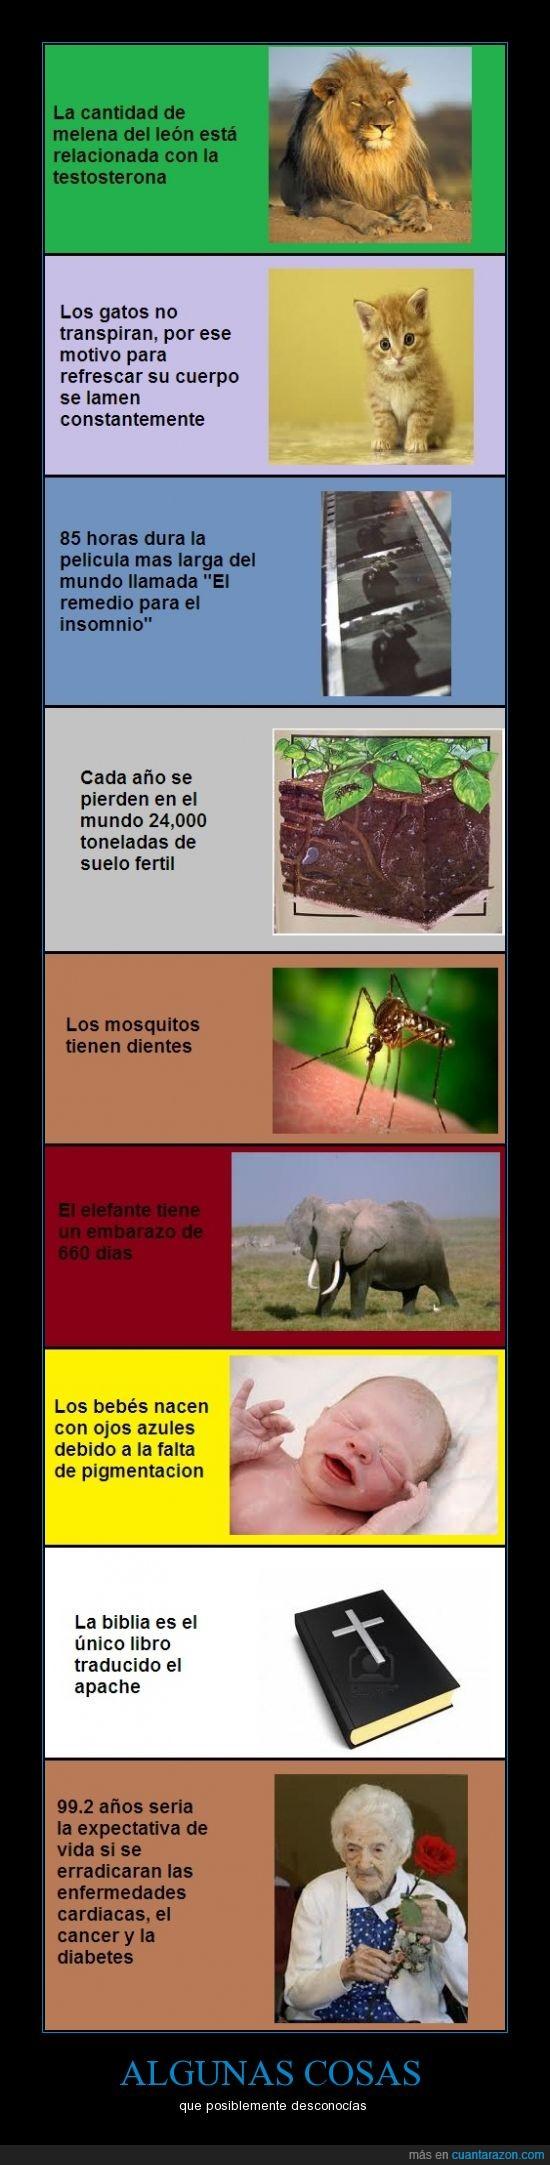 99.2 años,apache,bebés,biblia,dientes,elefantes,embarazo,expectativa de vida,fertil,insomnio,leones´testosterona,mosquitos,ojos azules,sabias que,suelo